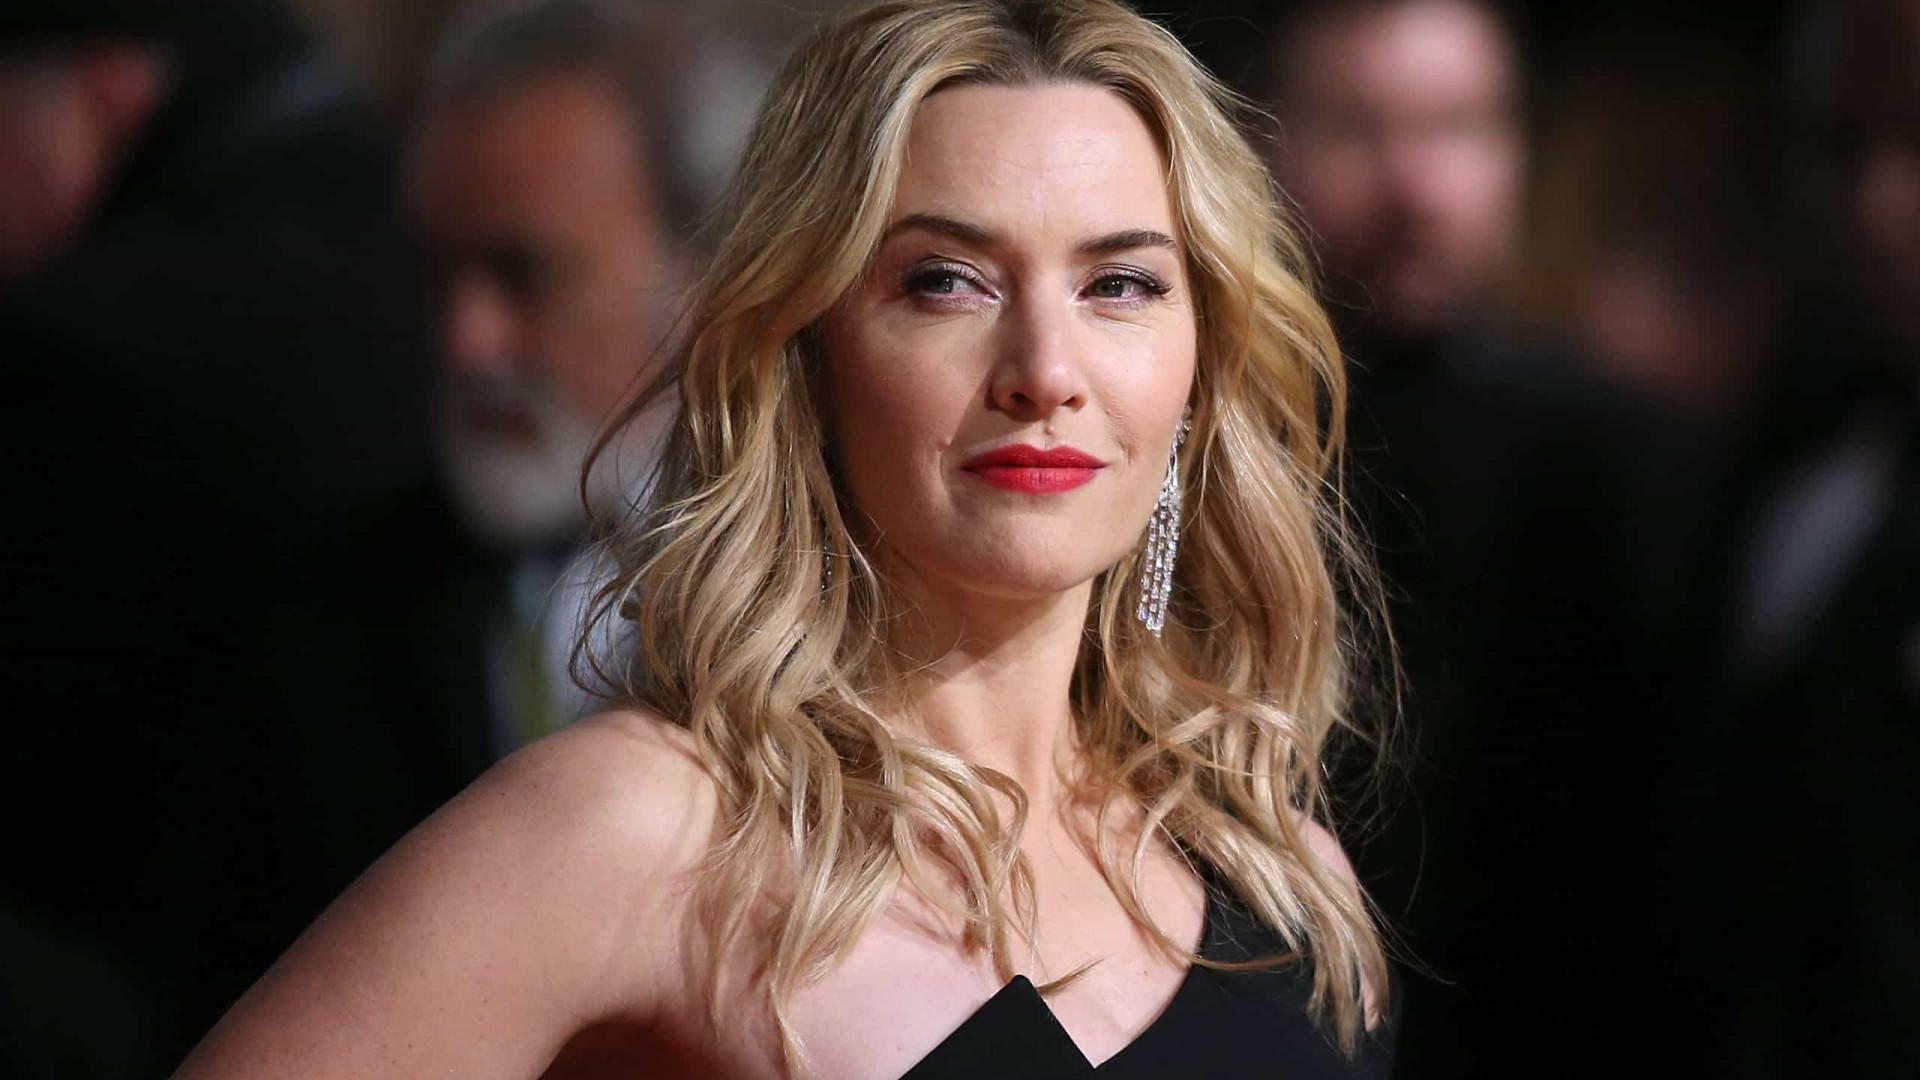 Este foi o vestido que Kate Winslet mais gostou de usar numa 'red carpet'